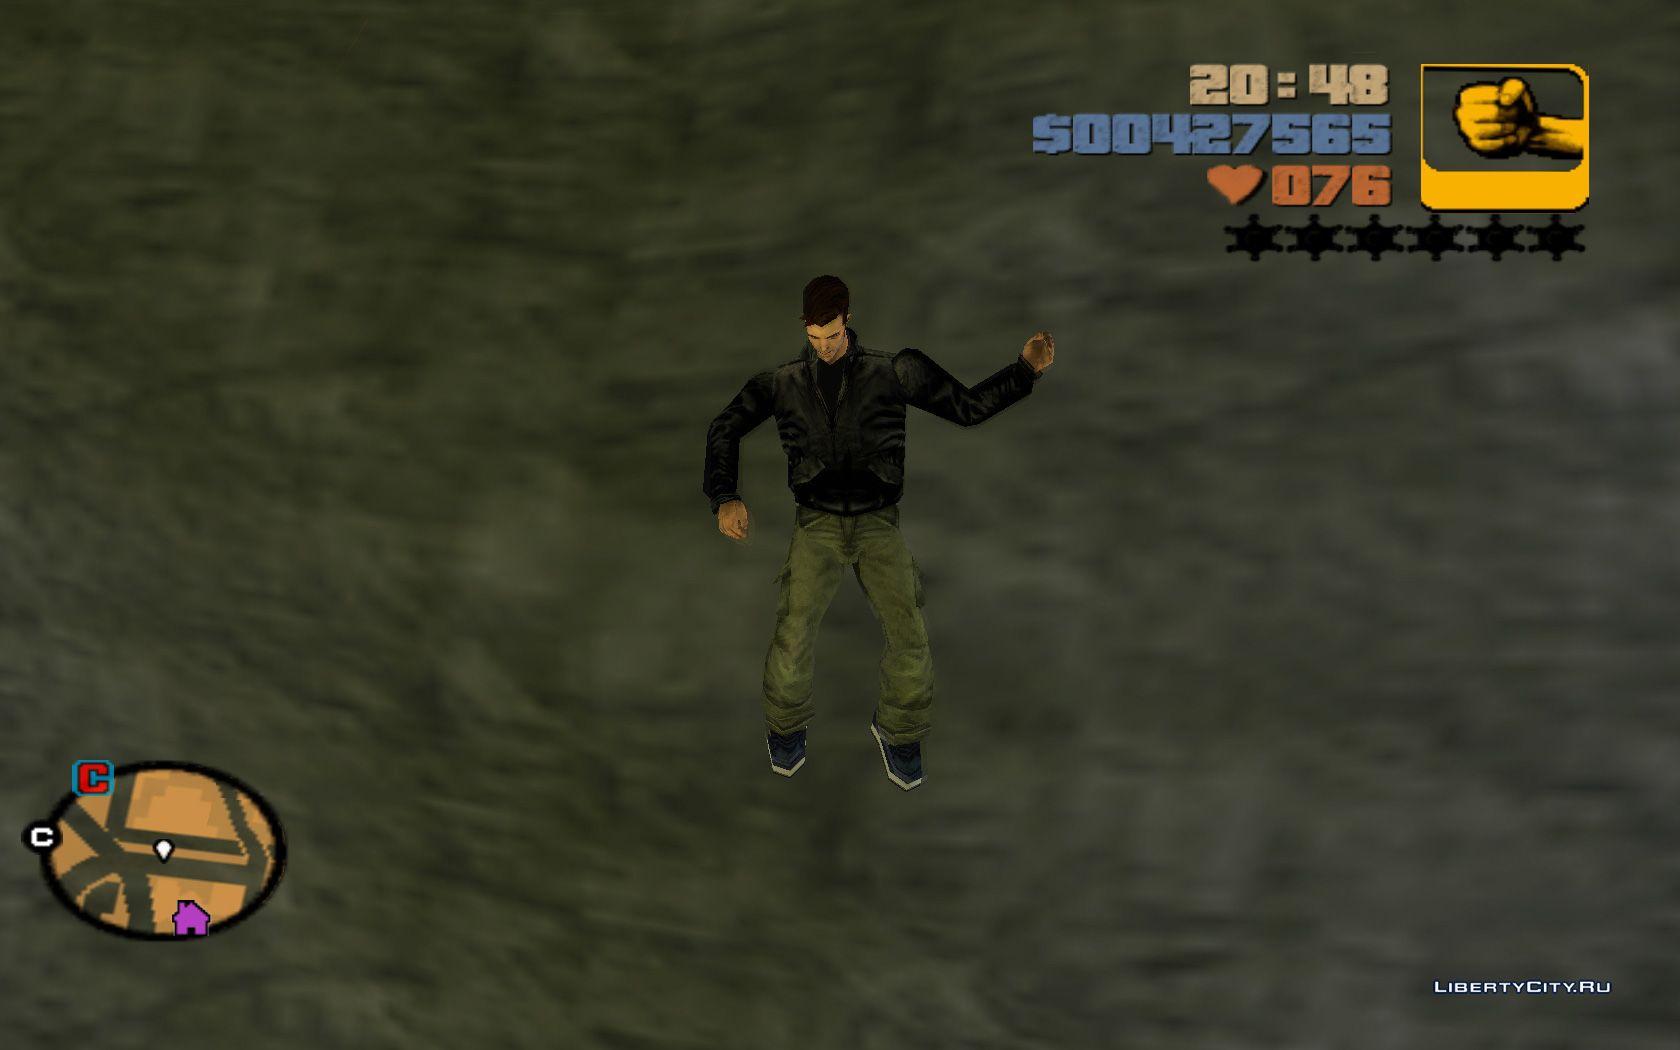 игры опасное оружие 3 с читами на весь экран